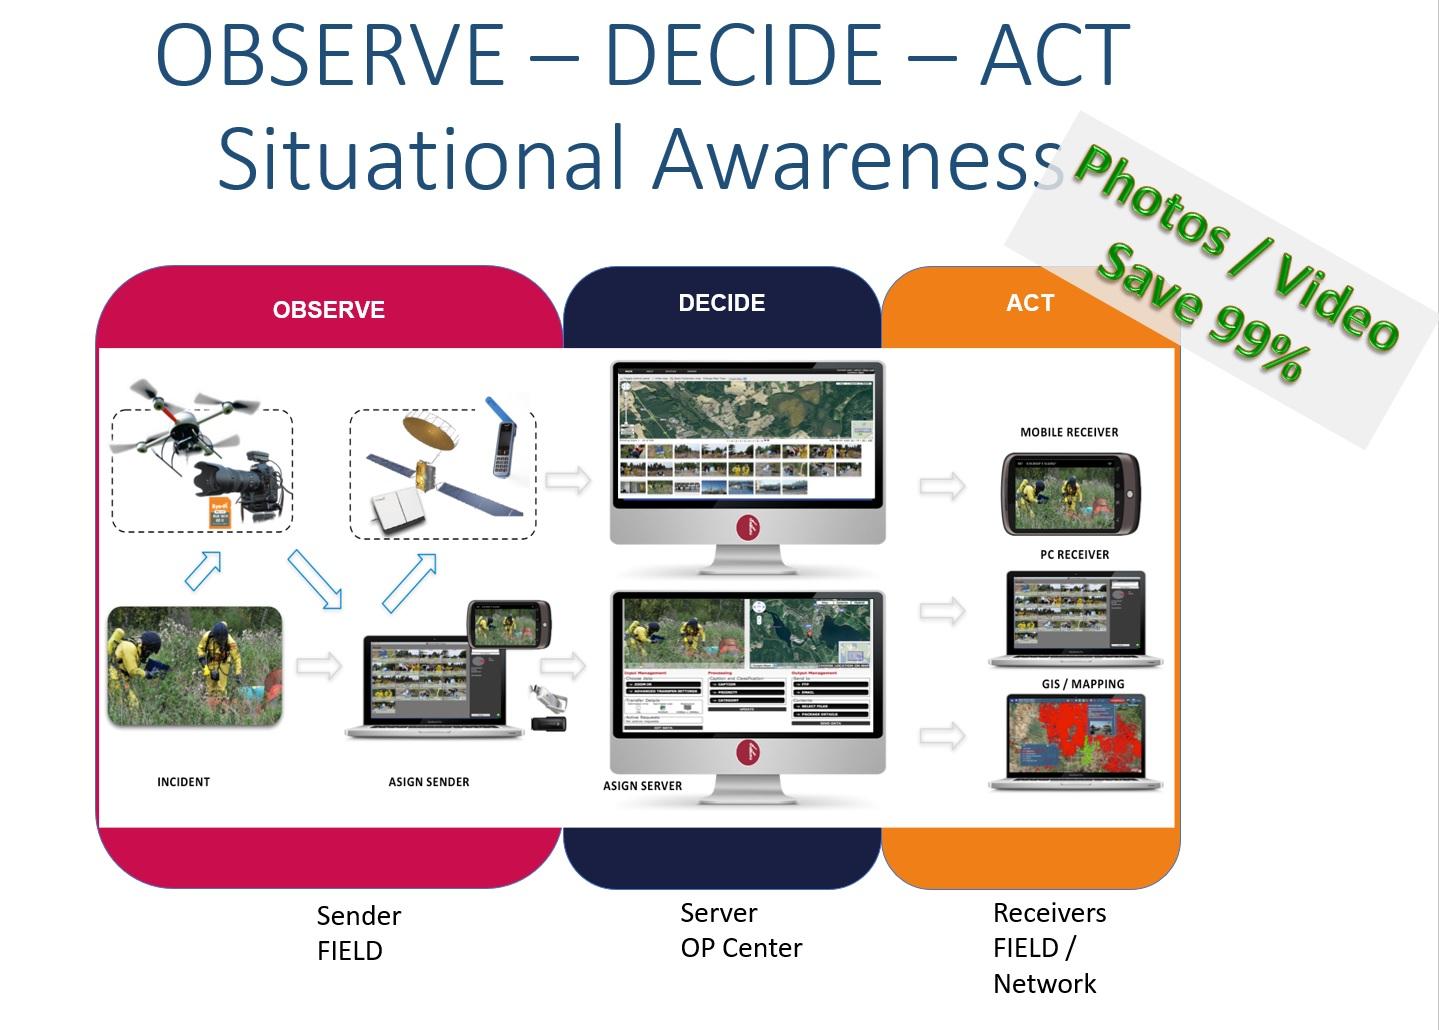 Aufklärung der Situation vor Ort. Beobachten, Daten sammeln , Situation abwägen und handeln.